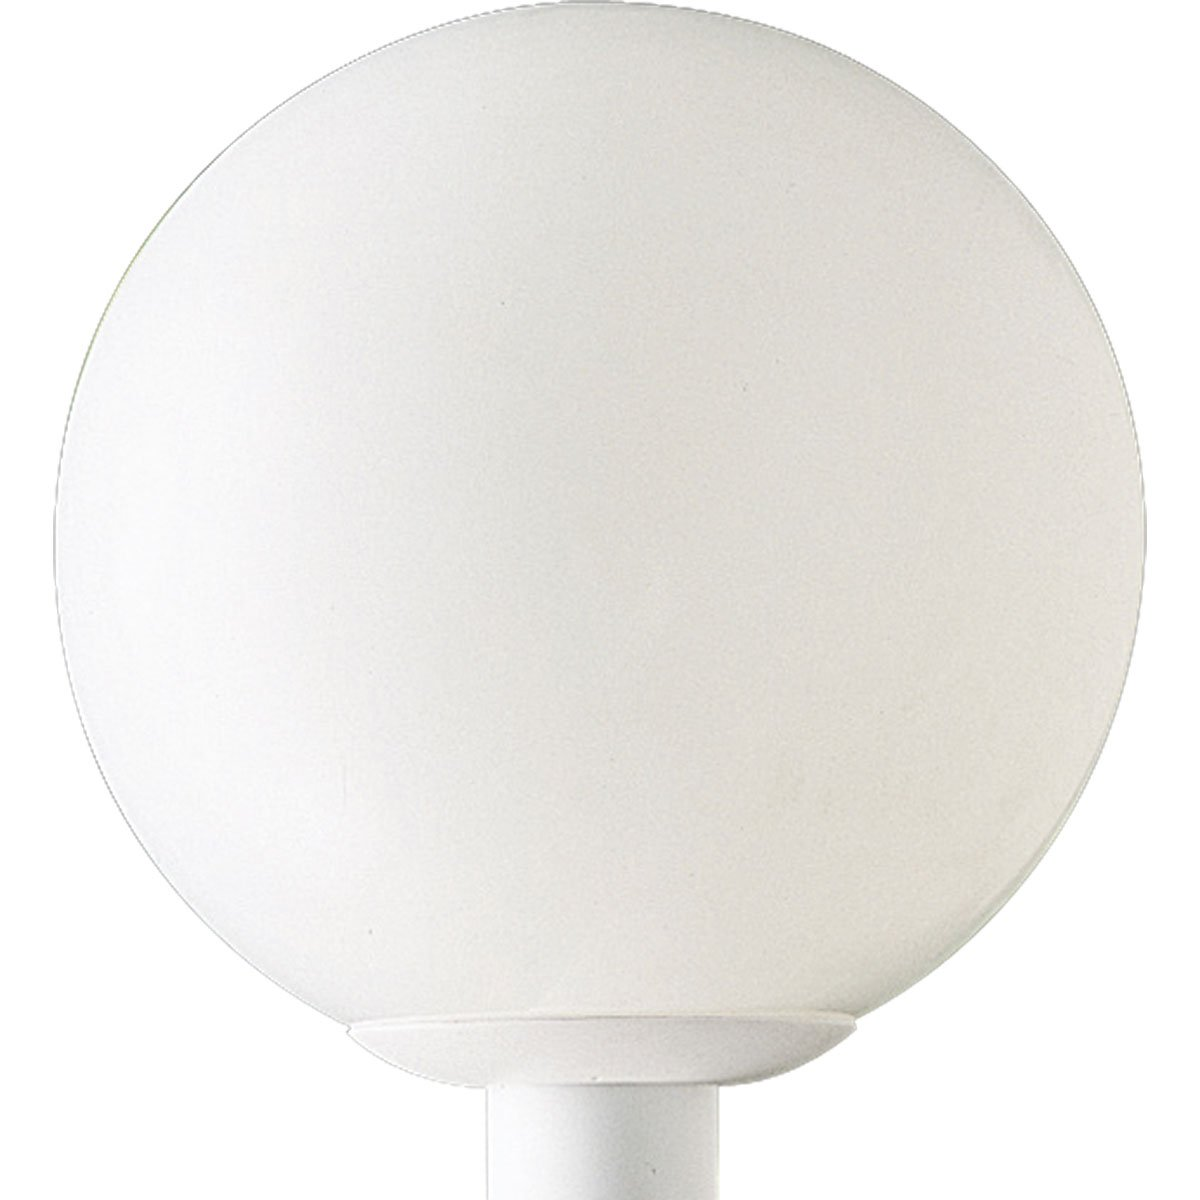 Progress Lighting P5426-60 Complete Post Lantern White Shatter-Resistant Acrylic Globe White Fitter, White